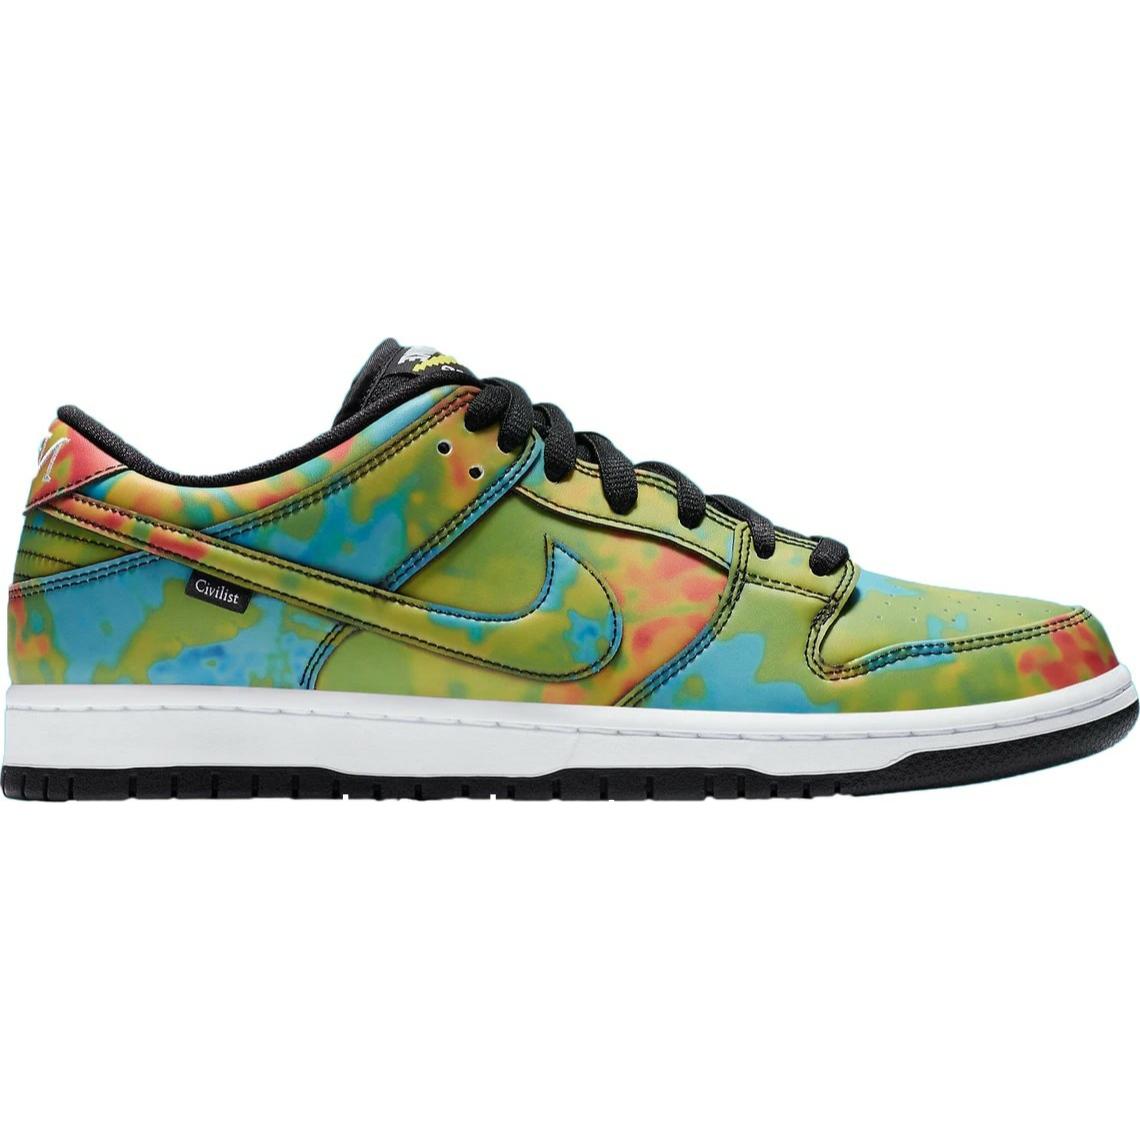 Nike SB Dunk Low Civilist colour mode